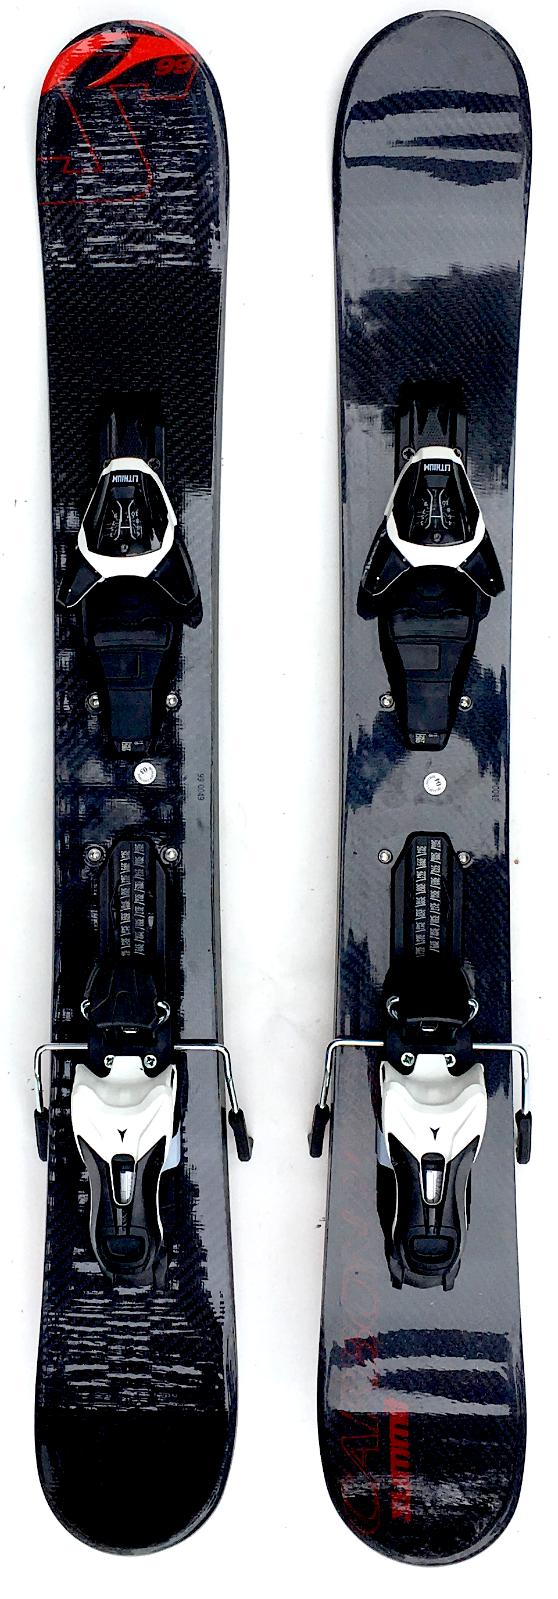 Summit Carbon Pro 99cm Skiboards Snowblades - Atomic L10 Ski Bindings 2019